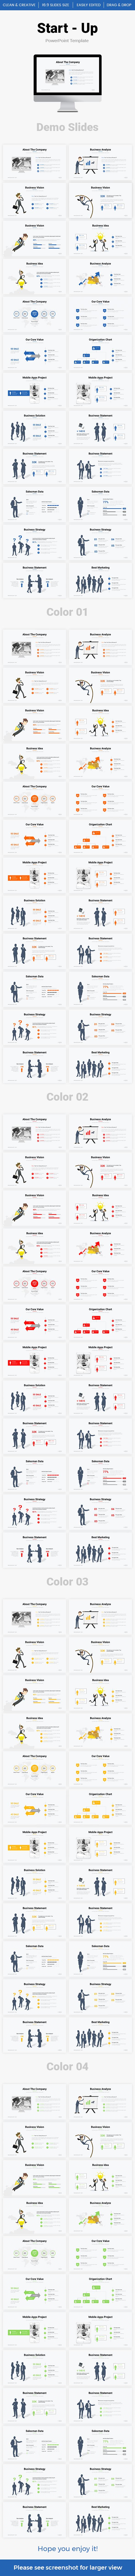 Start-Up Business Google Slides Template - Google Slides Presentation Templates